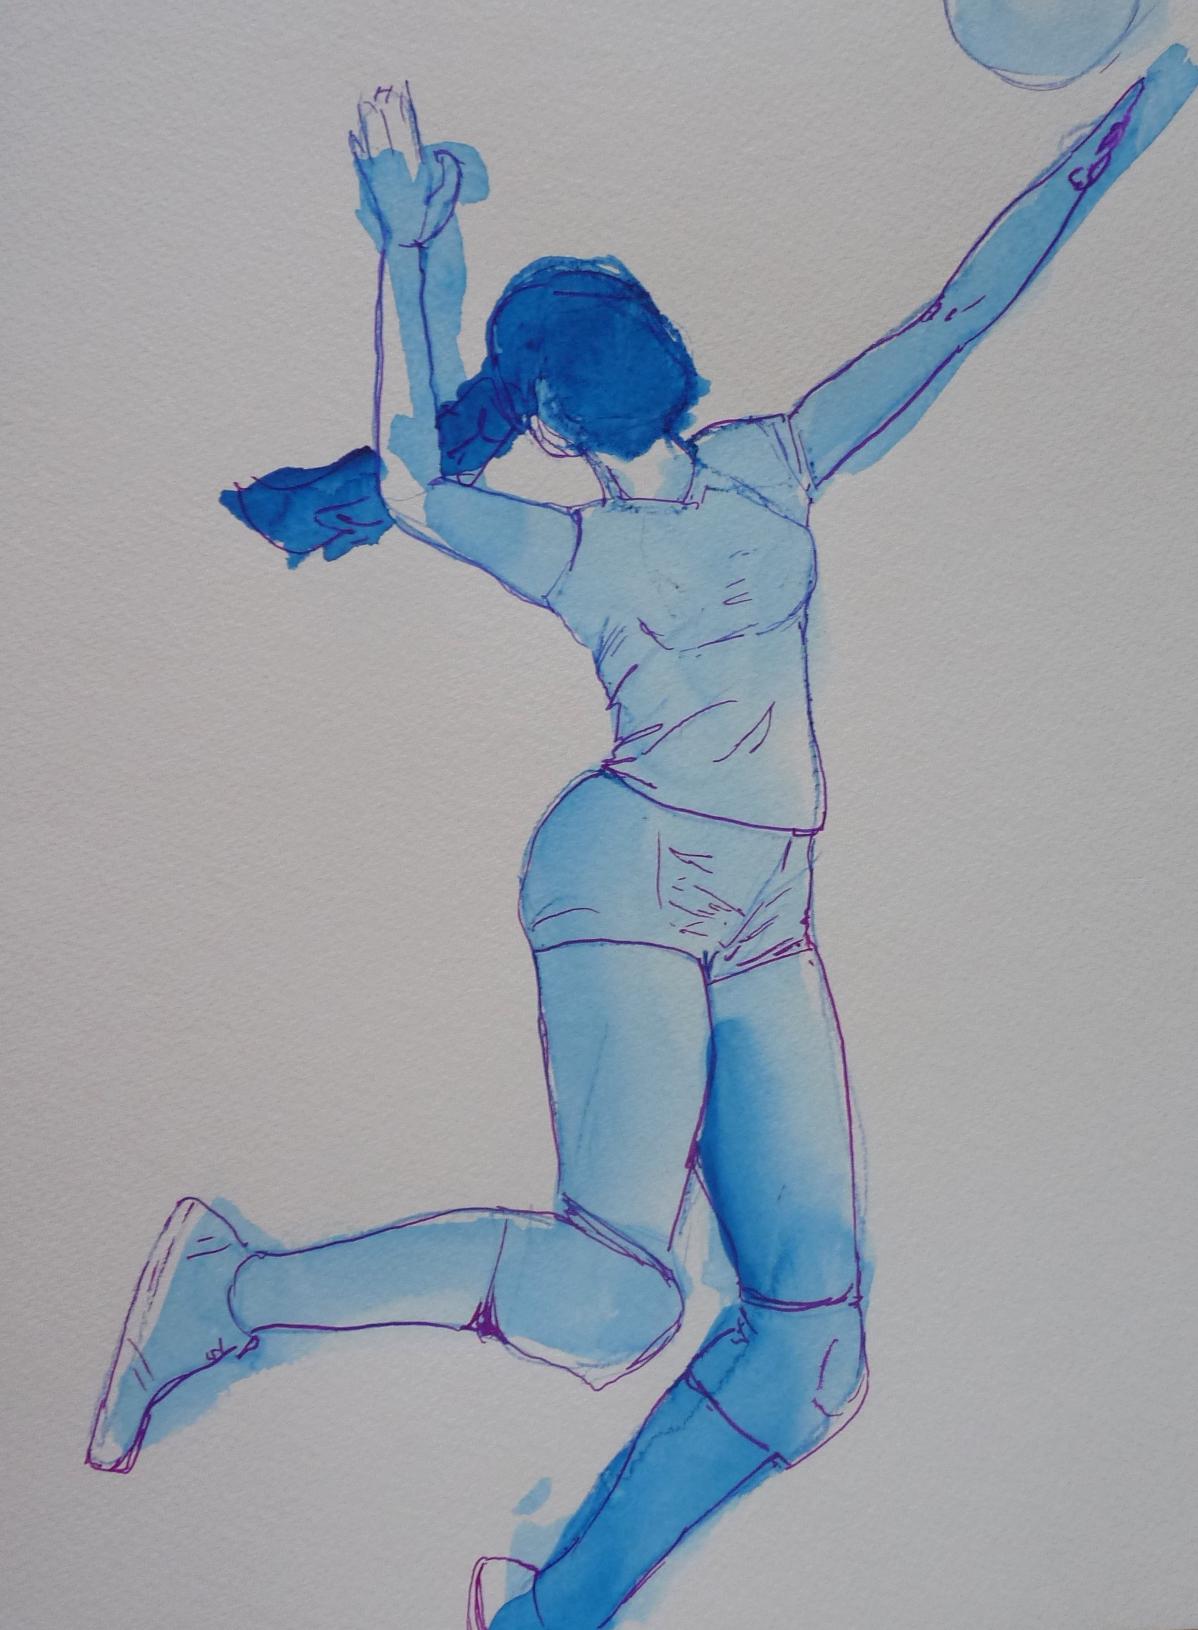 volley ball joueuse dessin bleu encre Elize pigmentropie